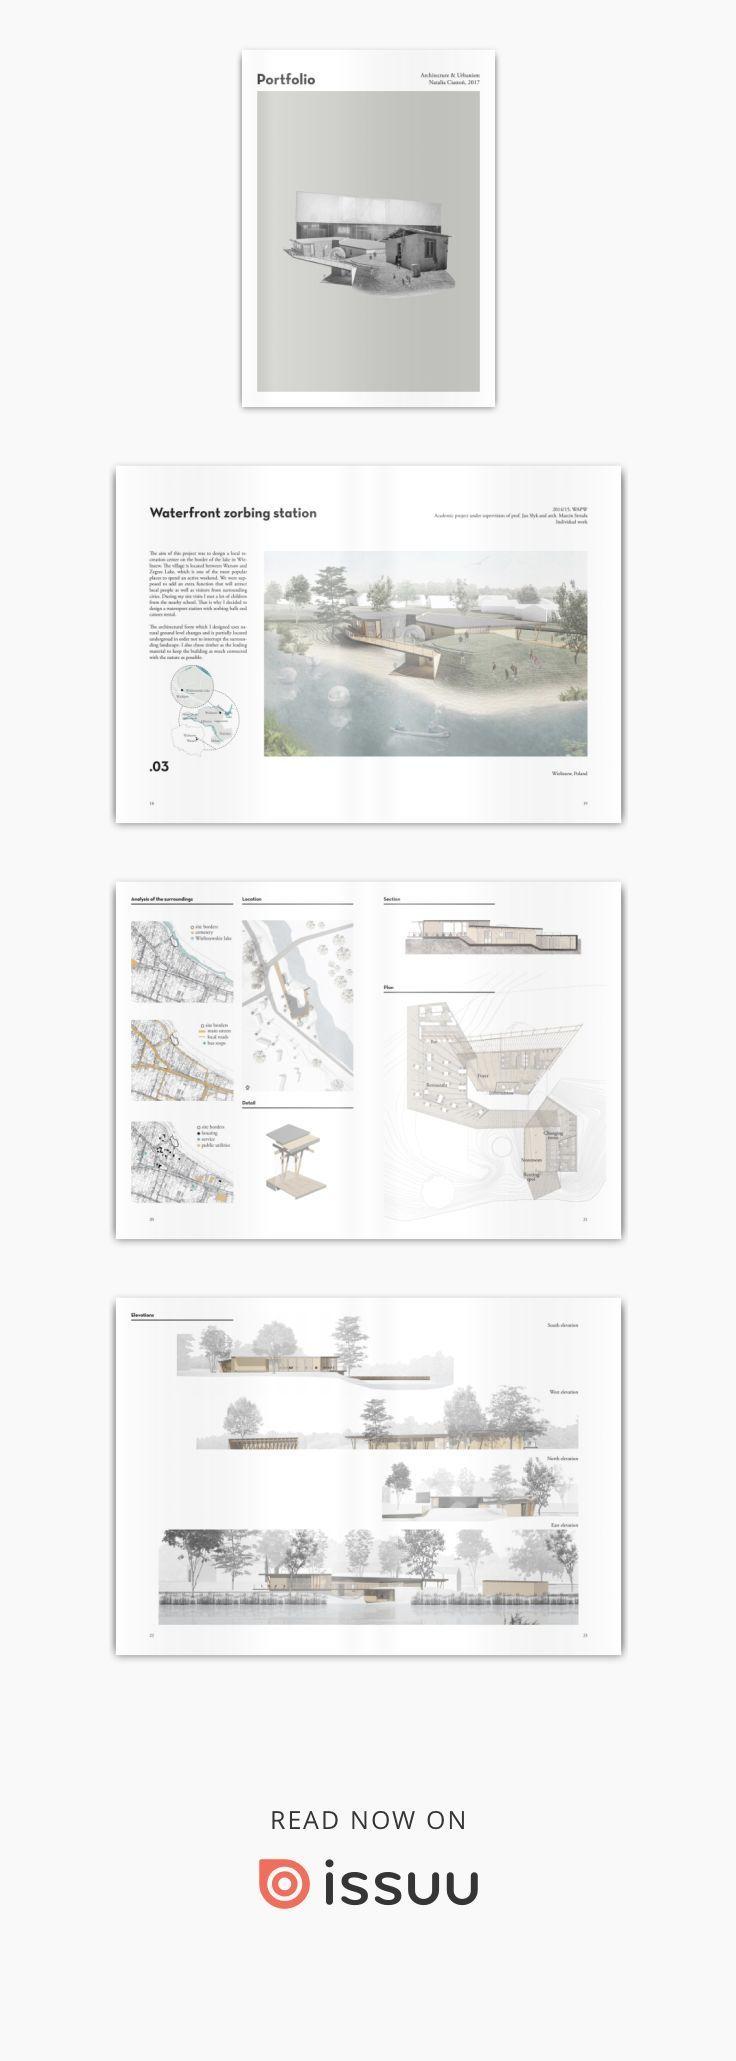 Architecture & Urbanism Portfolio 2017 - #Architecture #portfolio #Urbanism #architektonischepräsentation